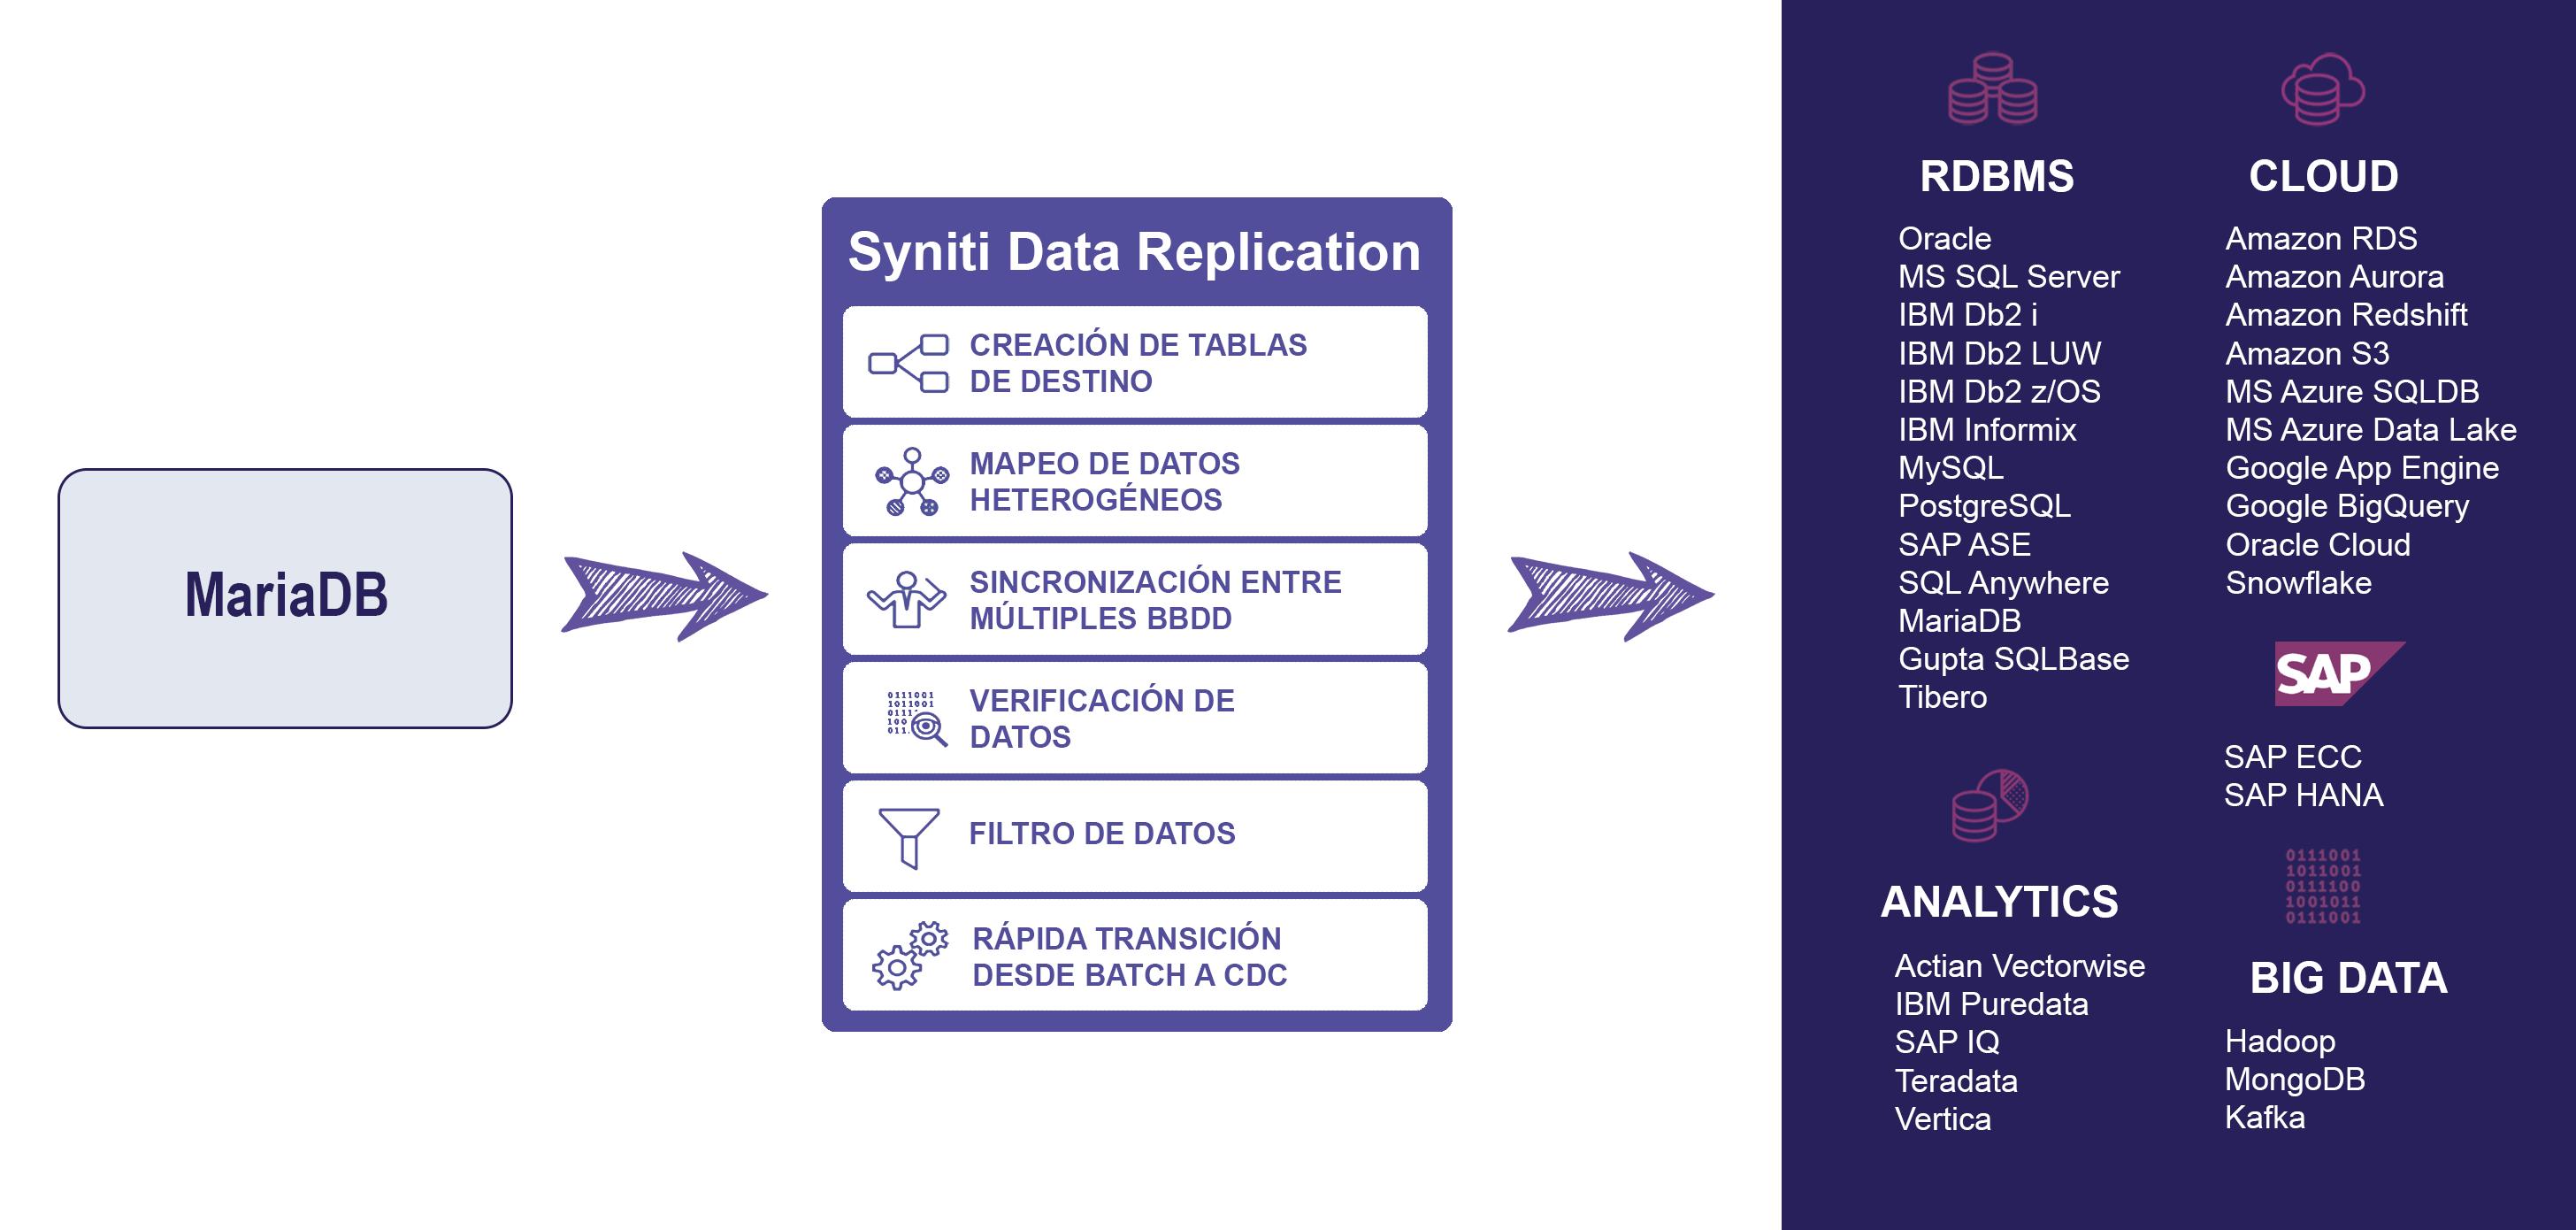 Esquema de replicacion de datos para MariaDB